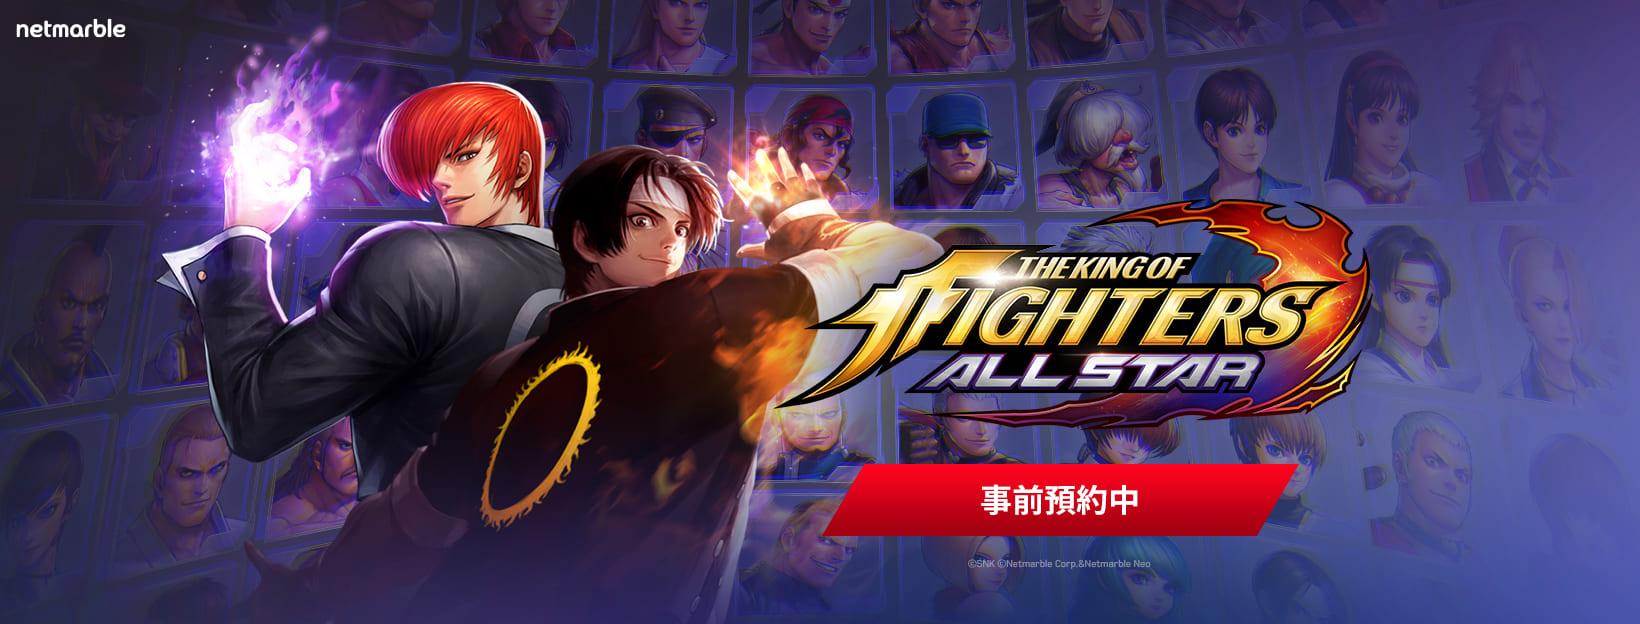 網石全新格鬥手遊《The King of Fighters ALLSTAR》 事前預約獎勵即日展開